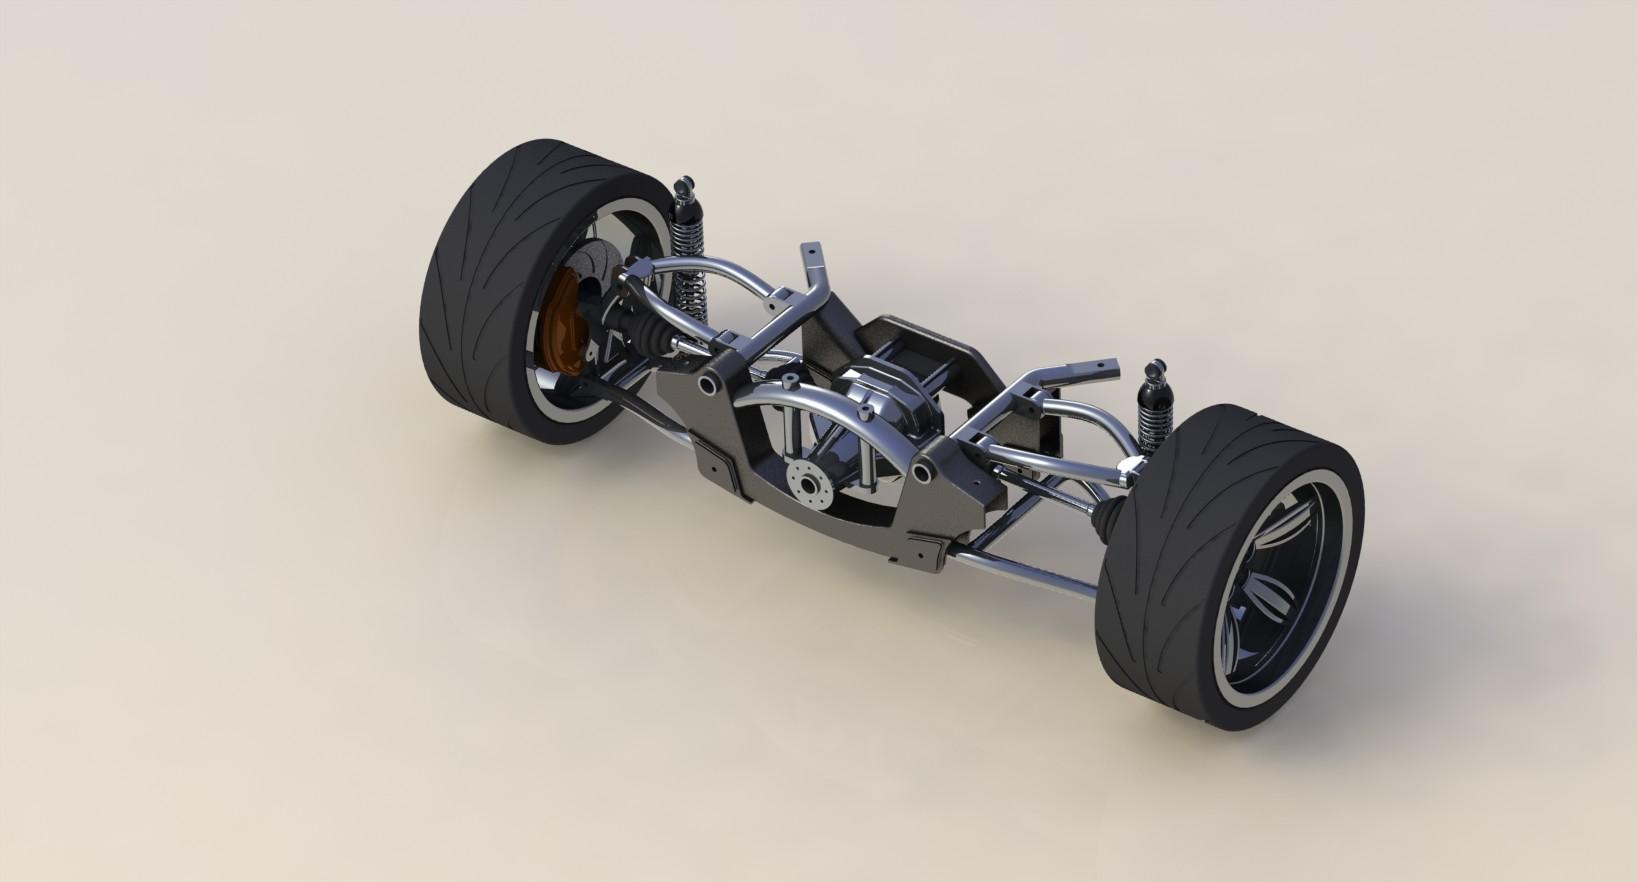 دانلود پروژه طراحی سيستم تعليق فنربندی عقب خودرو + دیسک ترمز و چرخ (2)